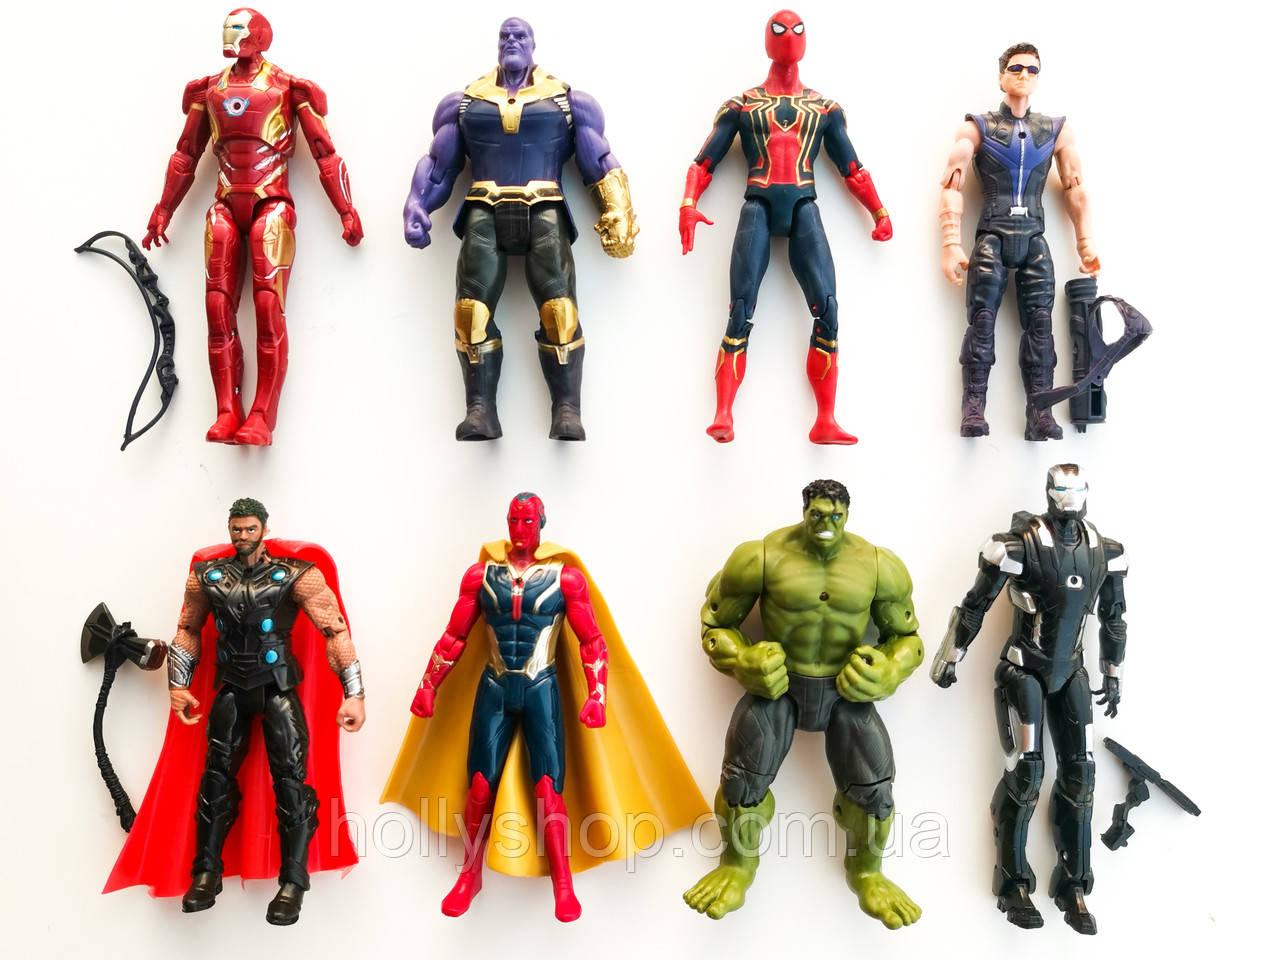 """Игровые Фигурки мстители """"Avengers"""", набор из 8 главных героев - 17см, свет, подвижные."""